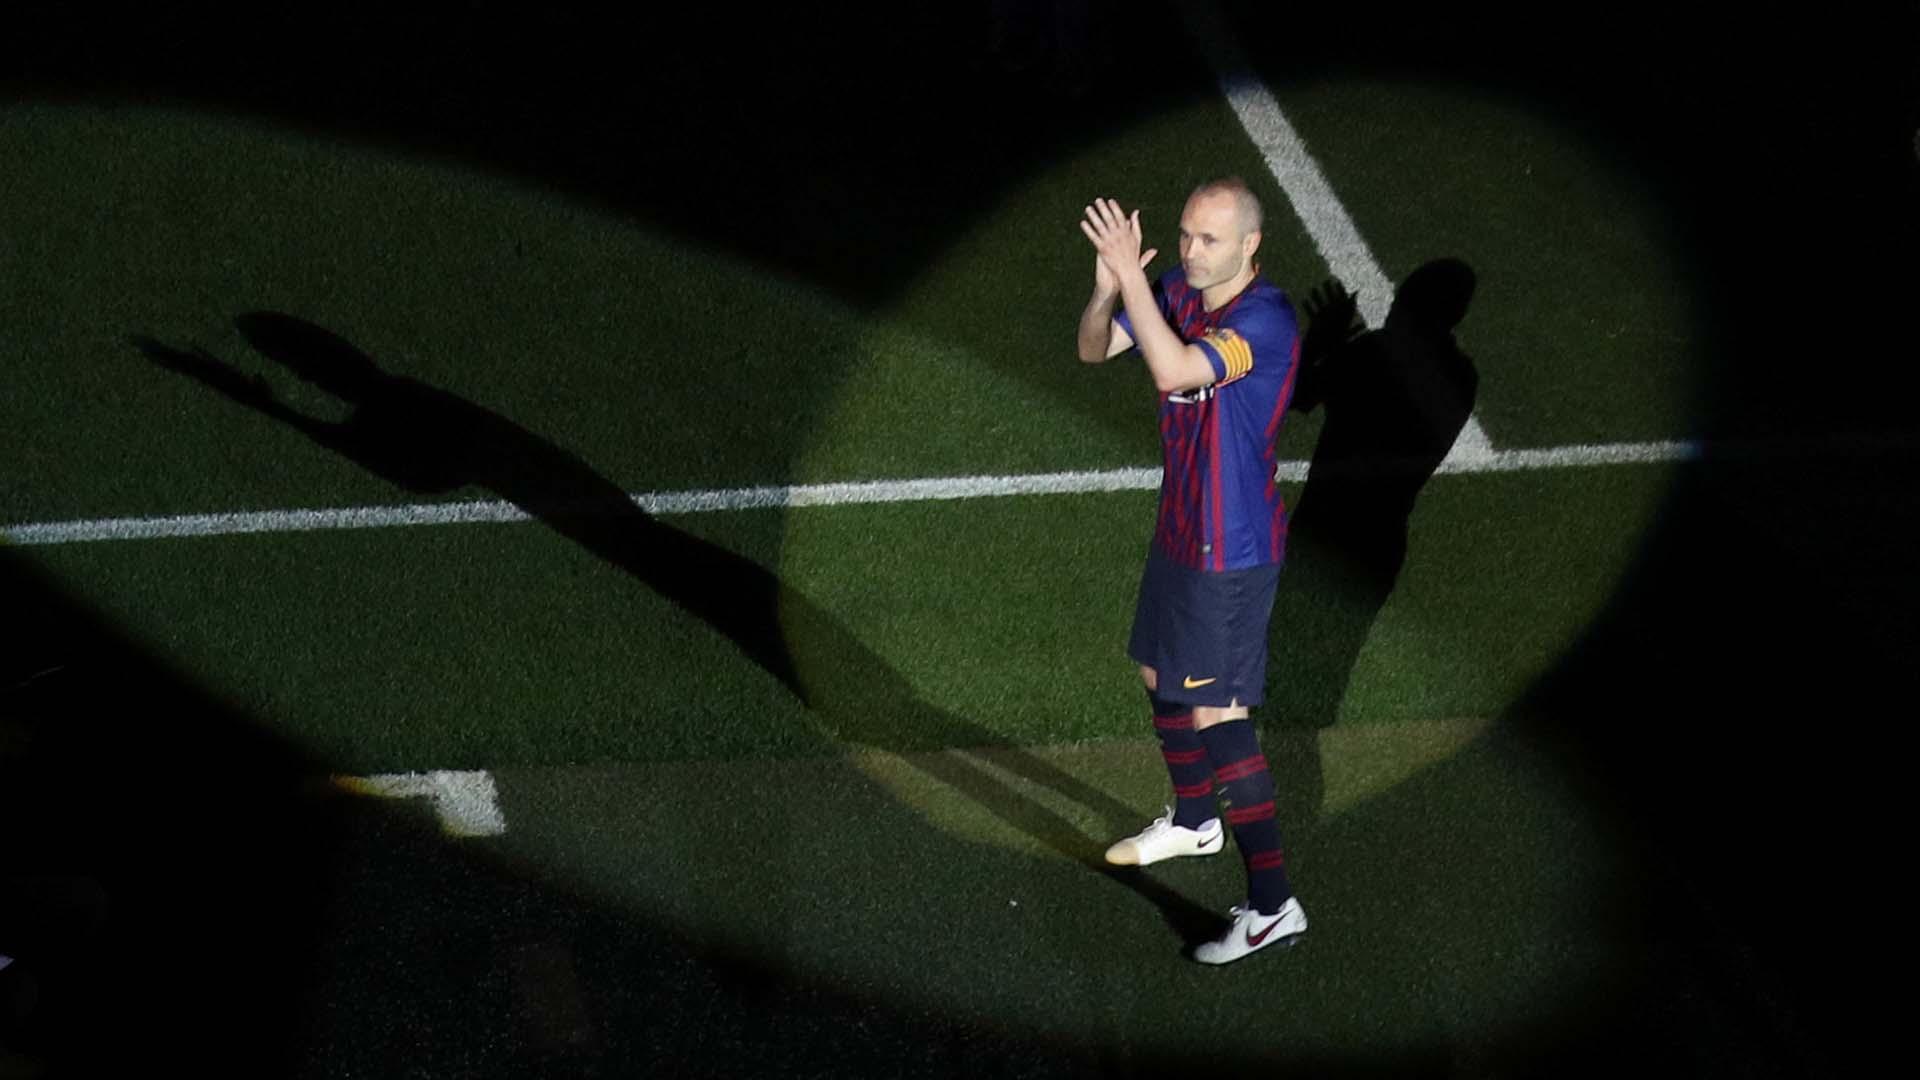 El español irá a jugar a Asia, aunque su destino aún no es oficial